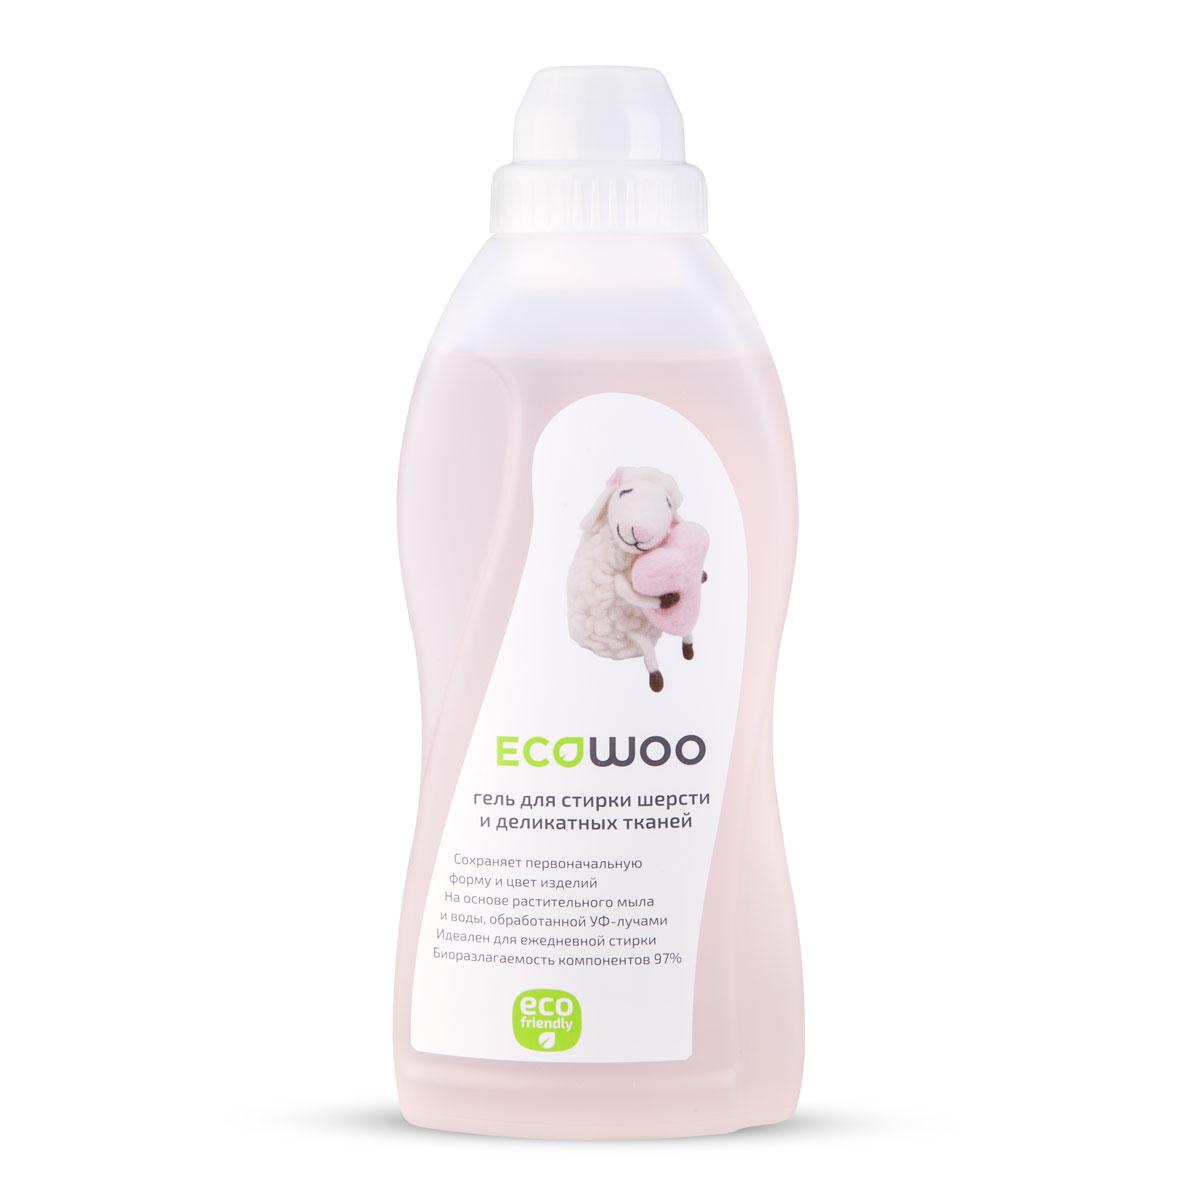 Гель EcoWoo для стирки шерсти и деликатных тканей, 0,7 лЕ088187Гель EcoWoo - сохраняет первоначальную форму и цвет изделий. На основе растительного мыла и воды, обработанной Уф-лучами. Идеален для ежедневной стирки. Биоразлагаемость компонентов 97%.